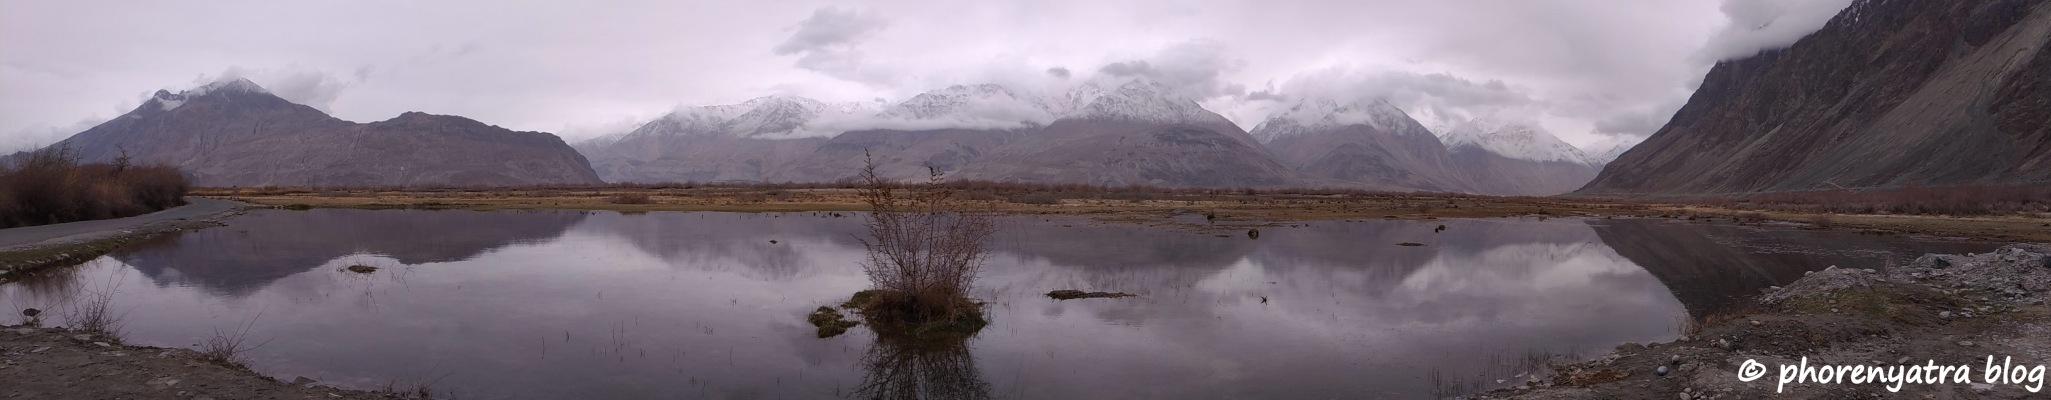 nubra pond reflection